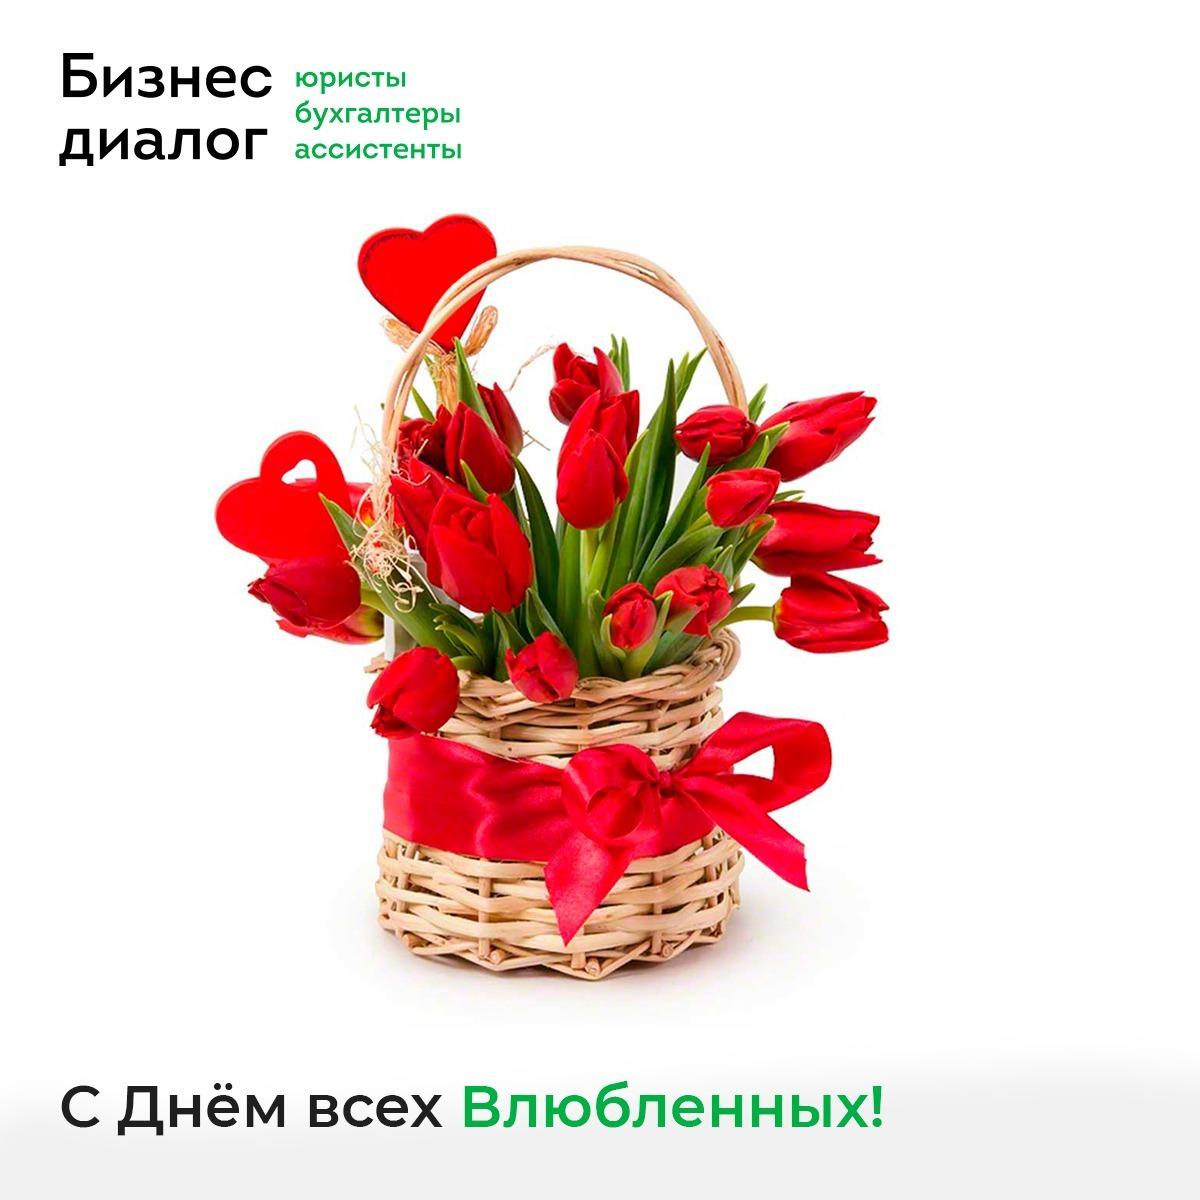 С днем всех влюбленных. Бизнес Диалог. ubk-bd.ru